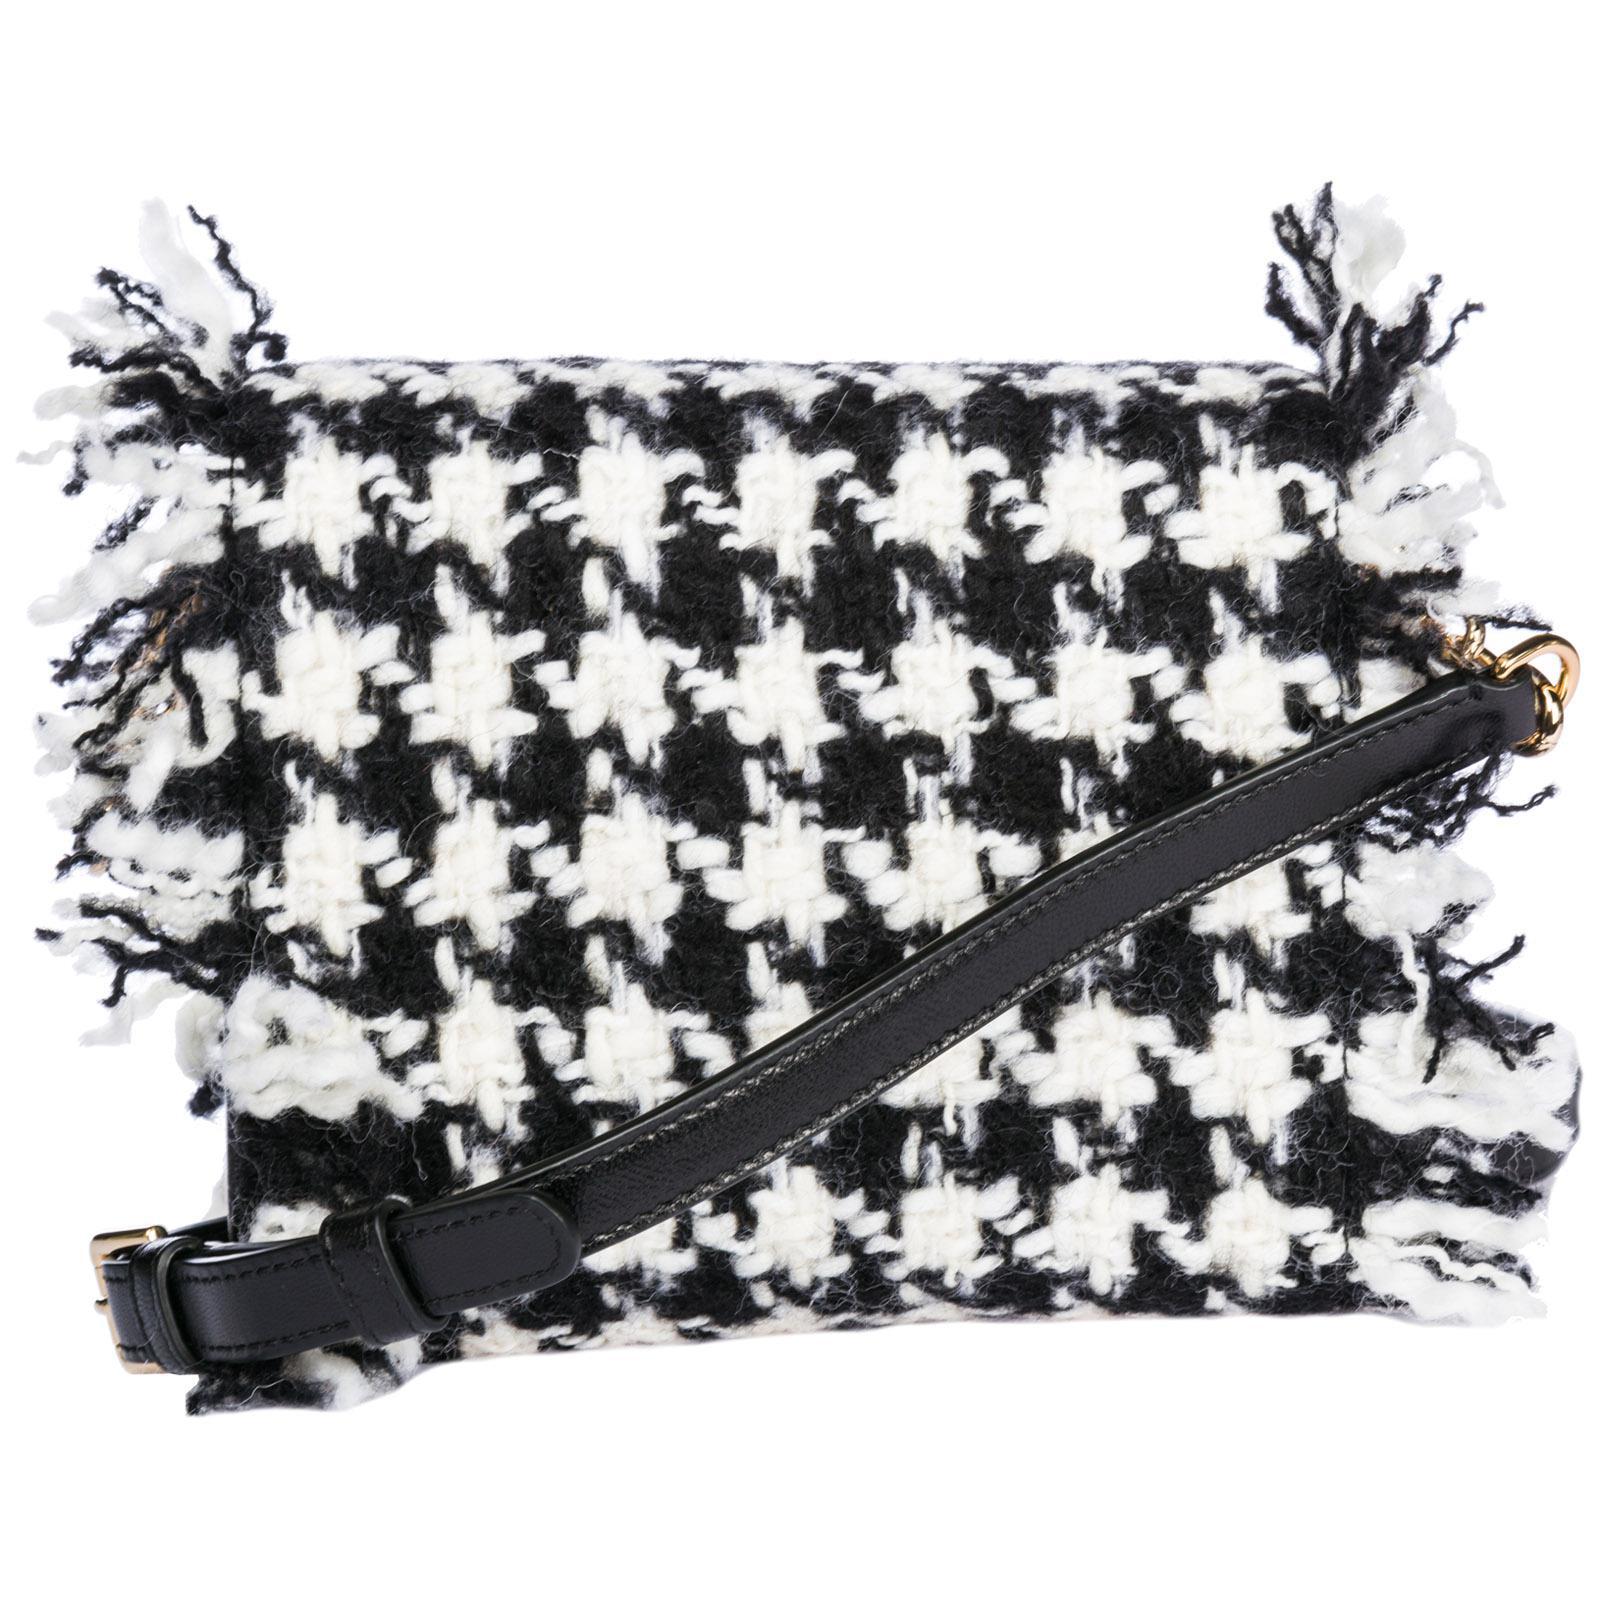 11524c34c8 Dolce   Gabbana - Black Cross-body Messenger Shoulder Bag Dg Millennials -  Lyst. View fullscreen